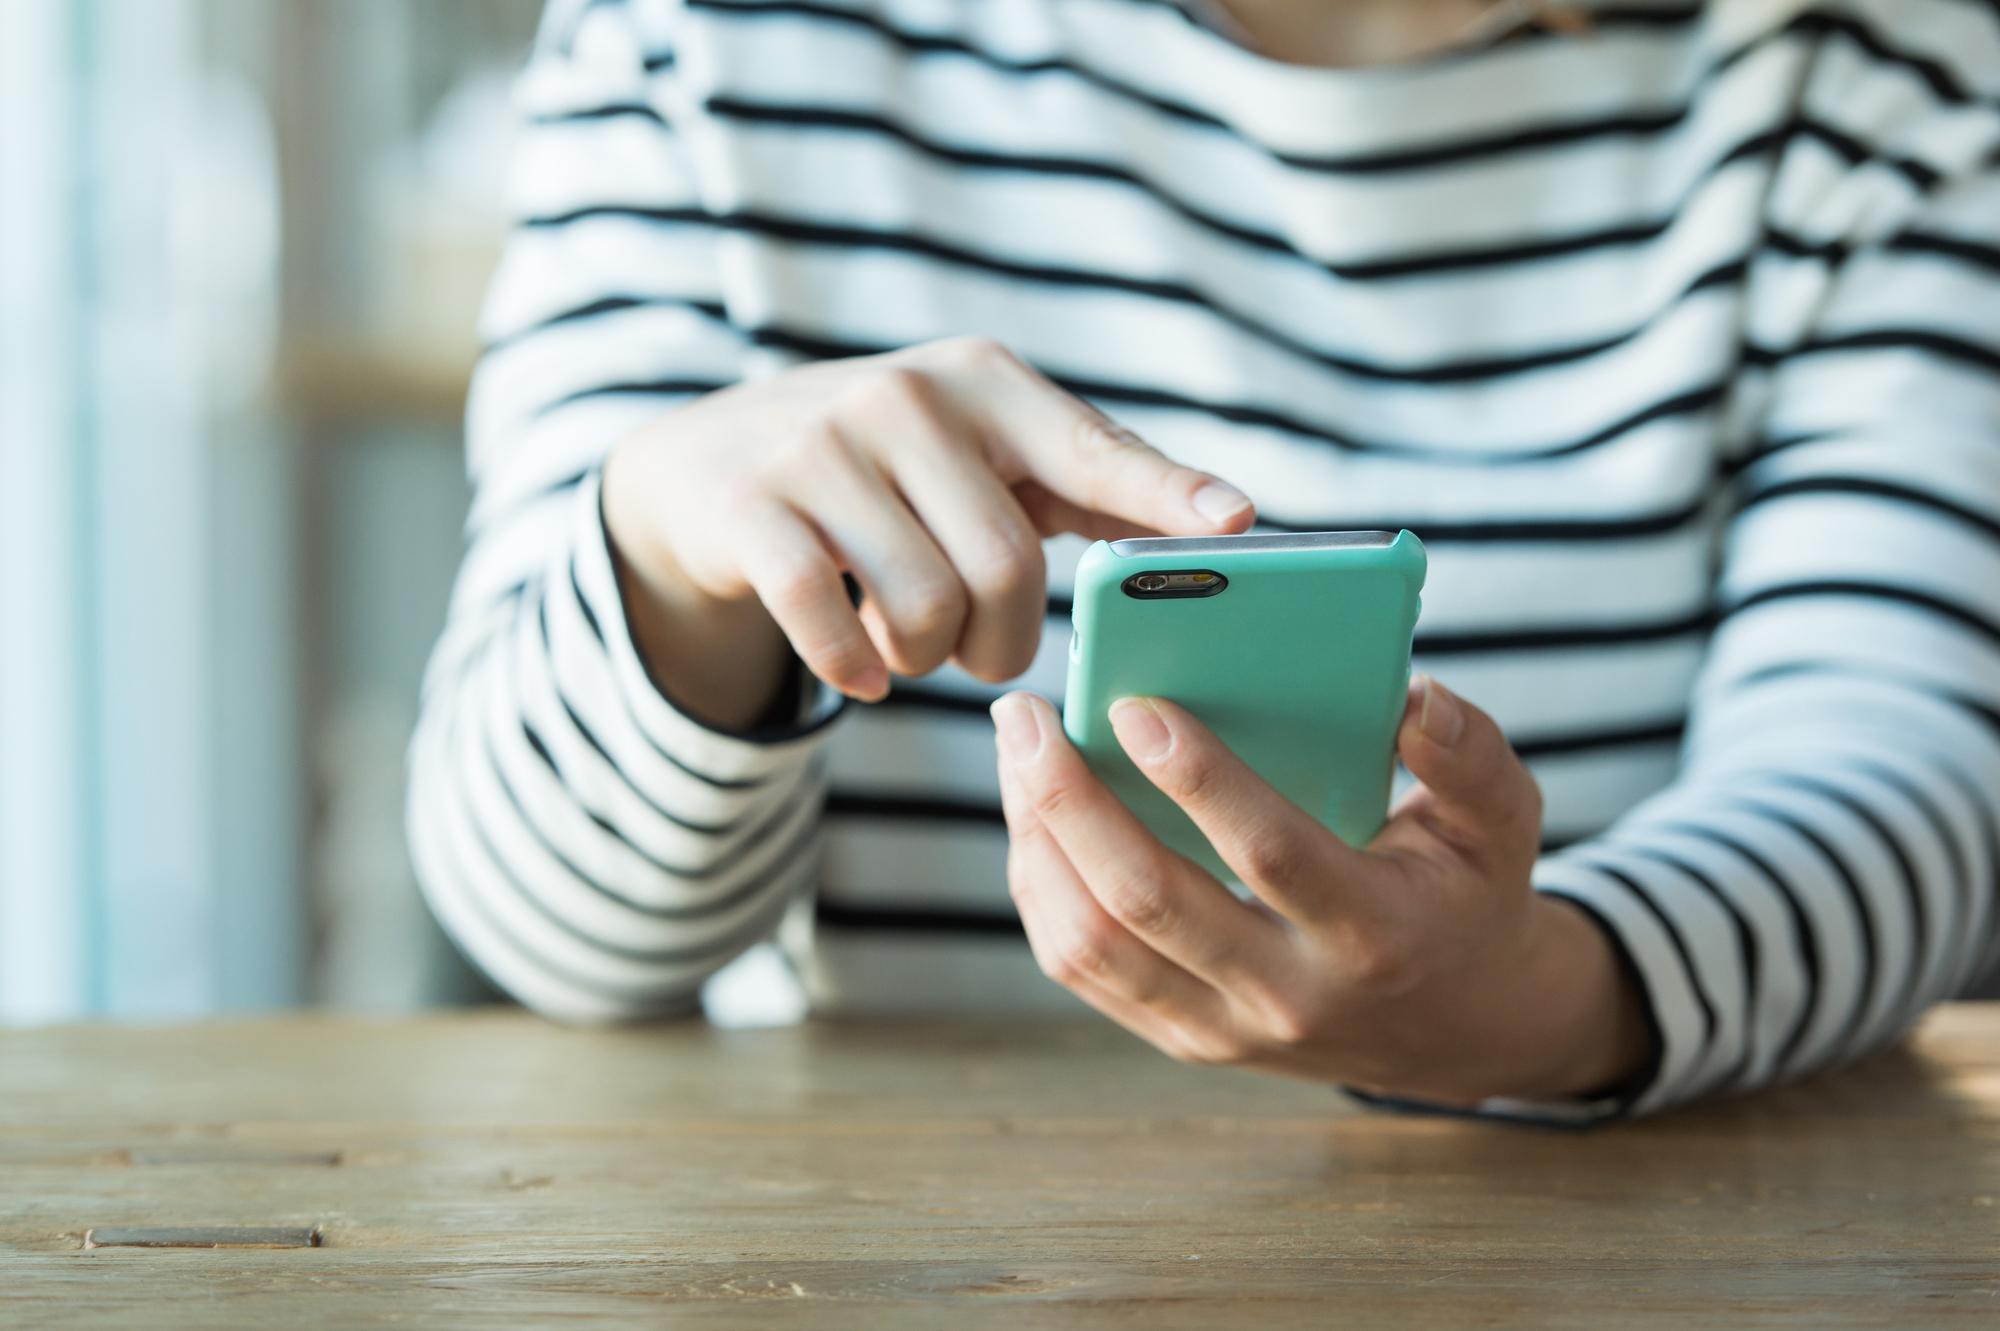 06_iOS13「探す」アプリ誕生!「iPhoneを探す」「友達を探す」が統一!設定方法&注意点まとめ